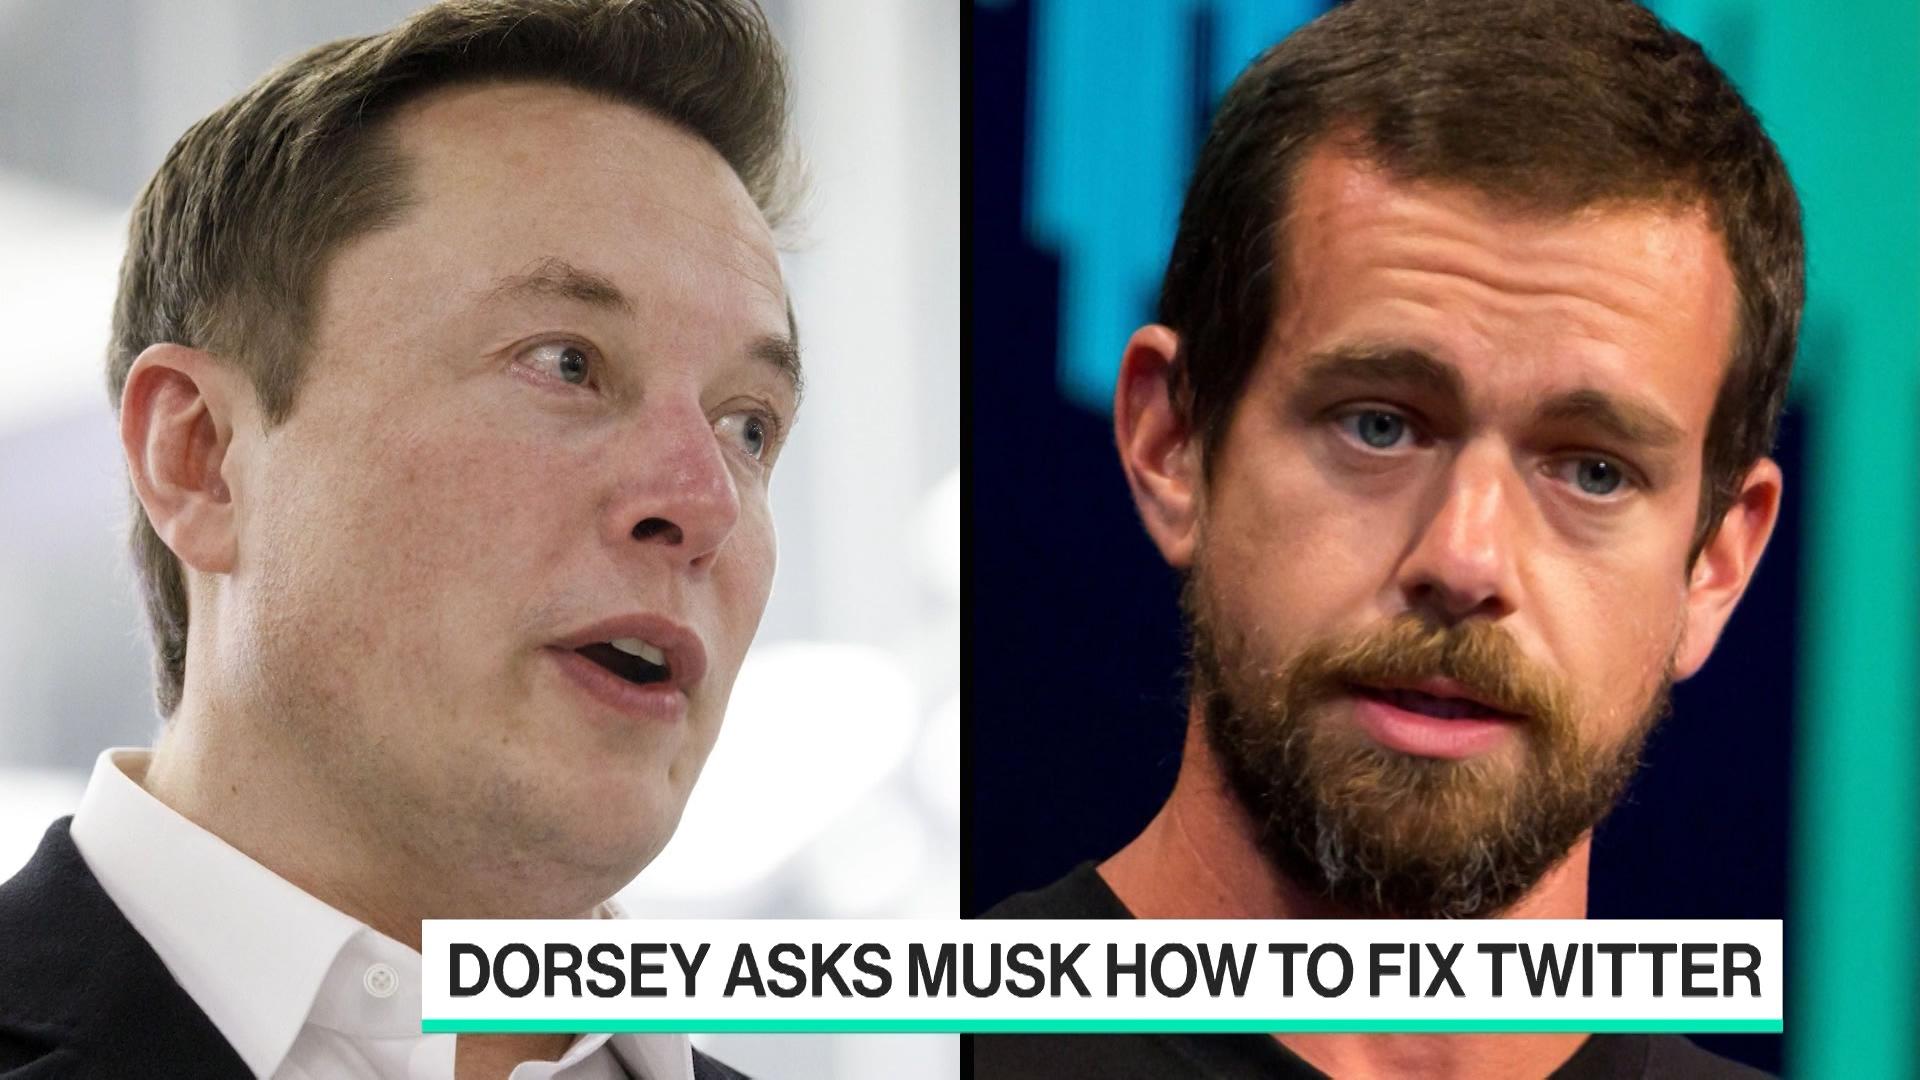 Jack Dorsey Asks Elon Musk How to Fix Twitter